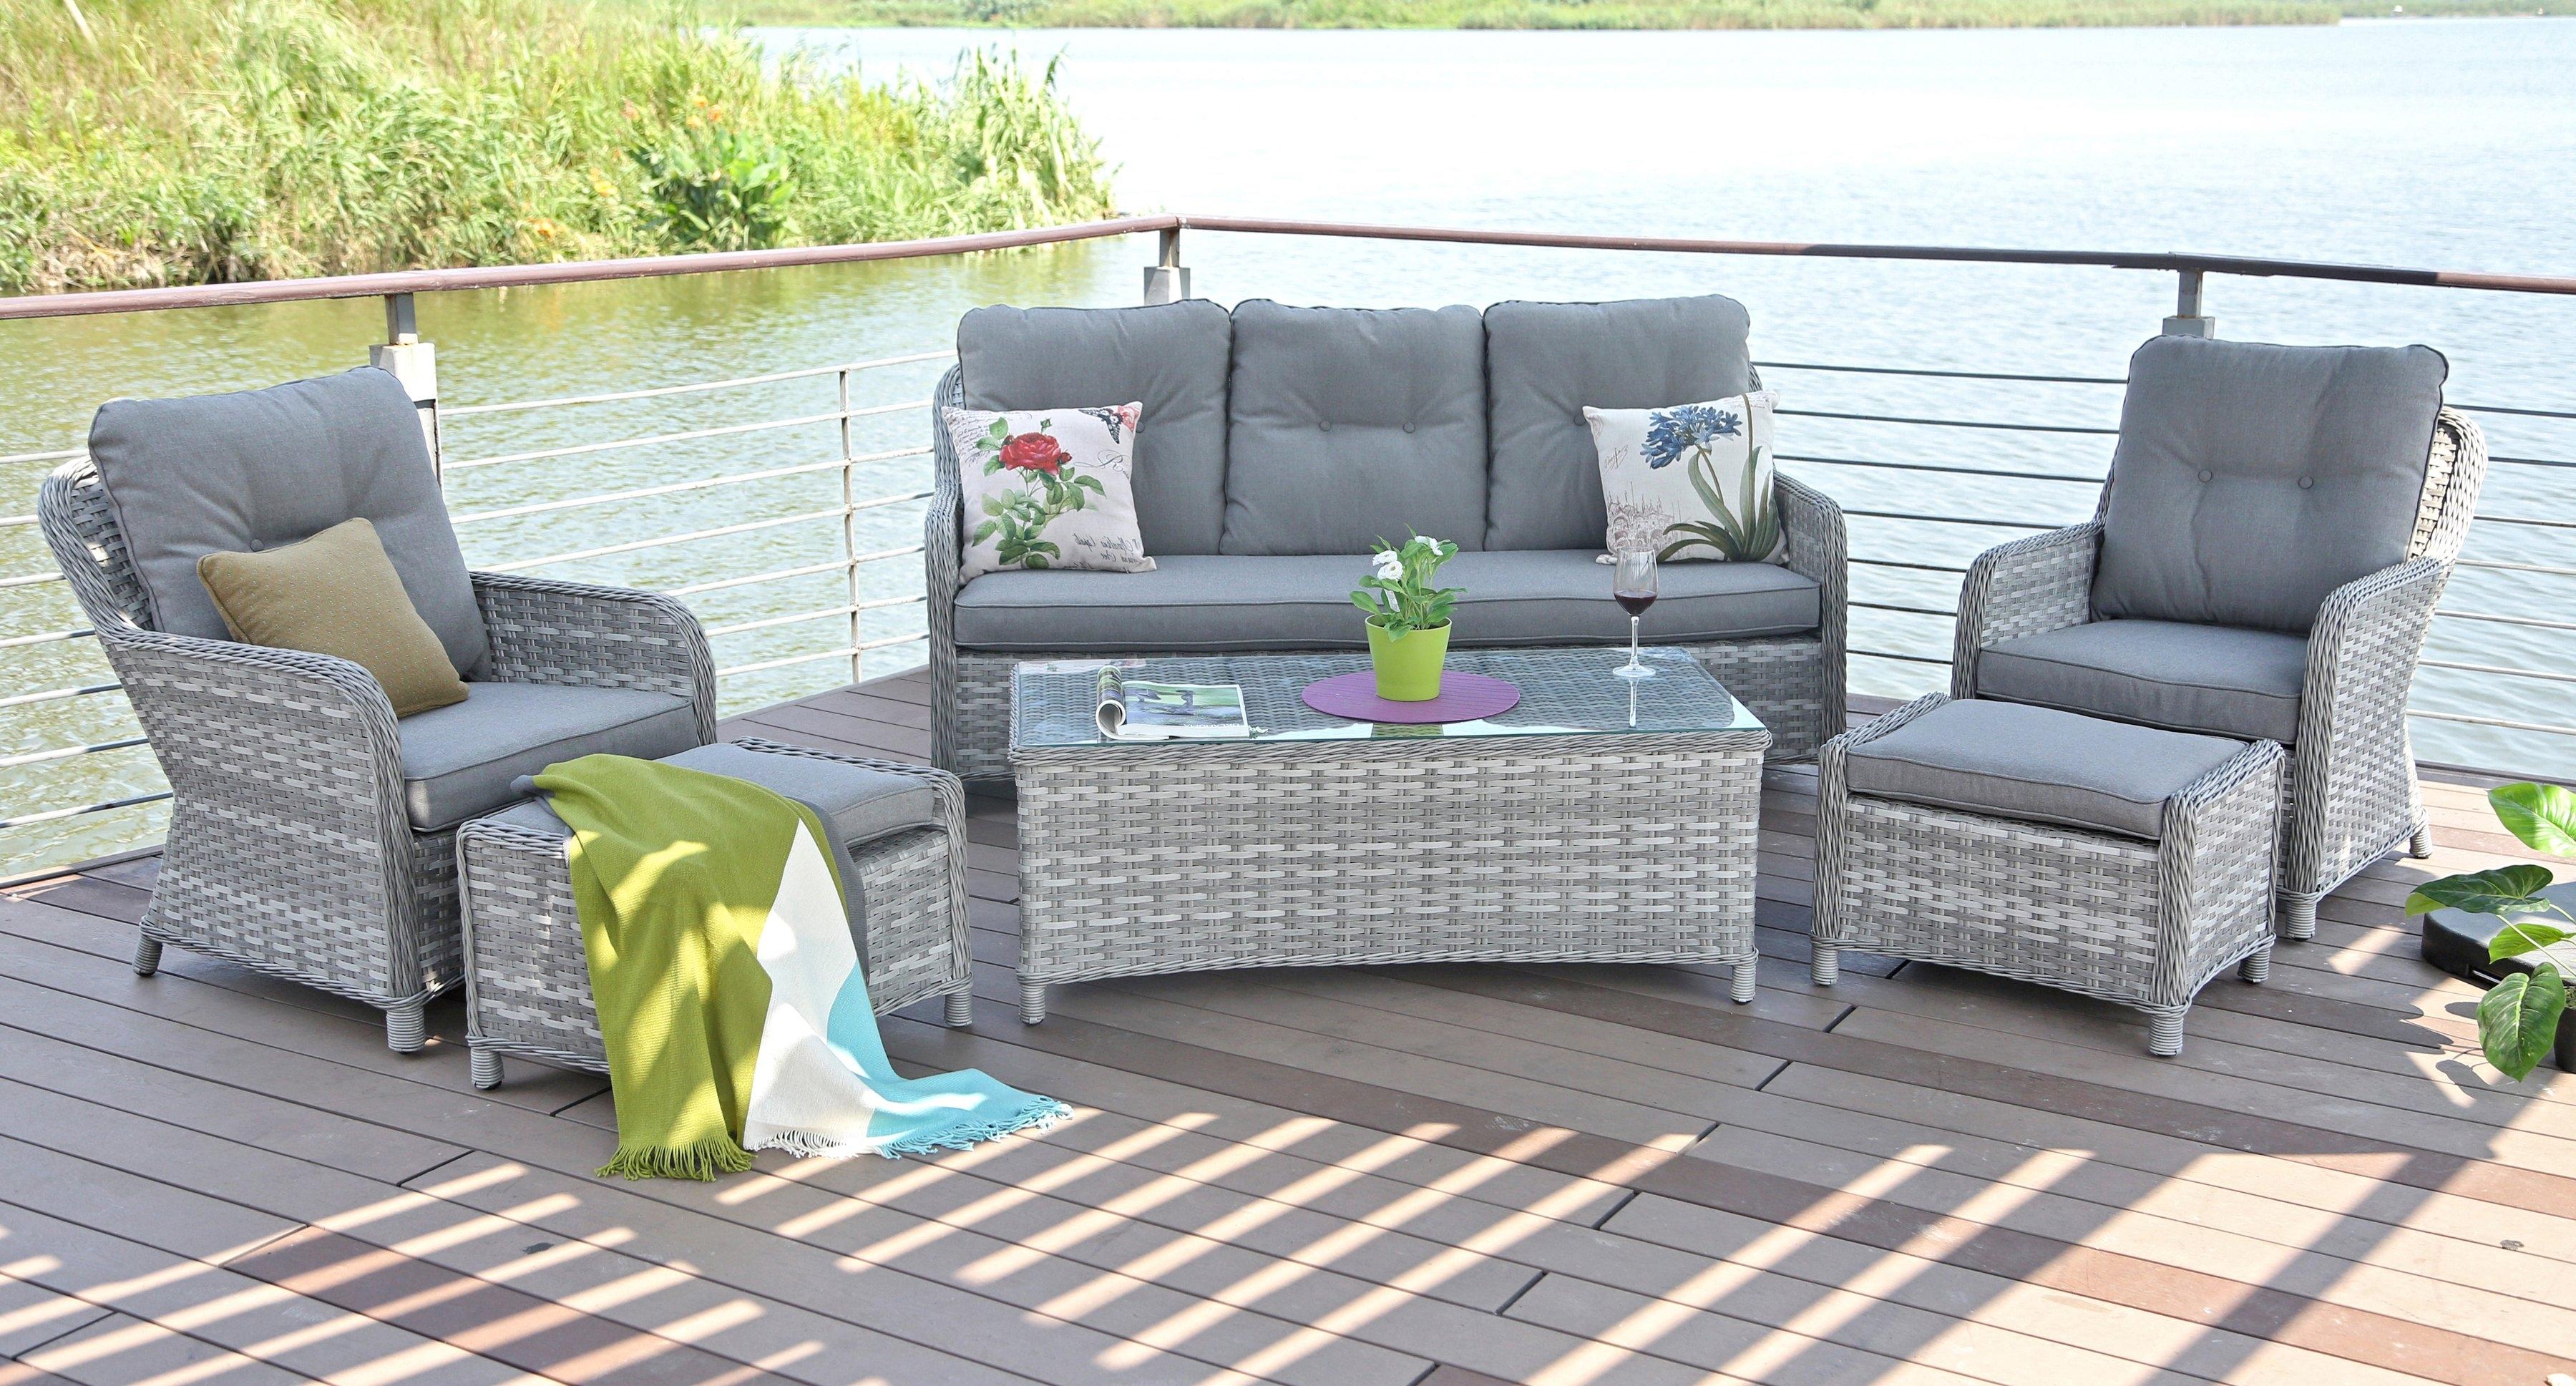 tuinmeubelen kopen ontdek onze gevarieerde collectie tuinsets otto. Black Bedroom Furniture Sets. Home Design Ideas